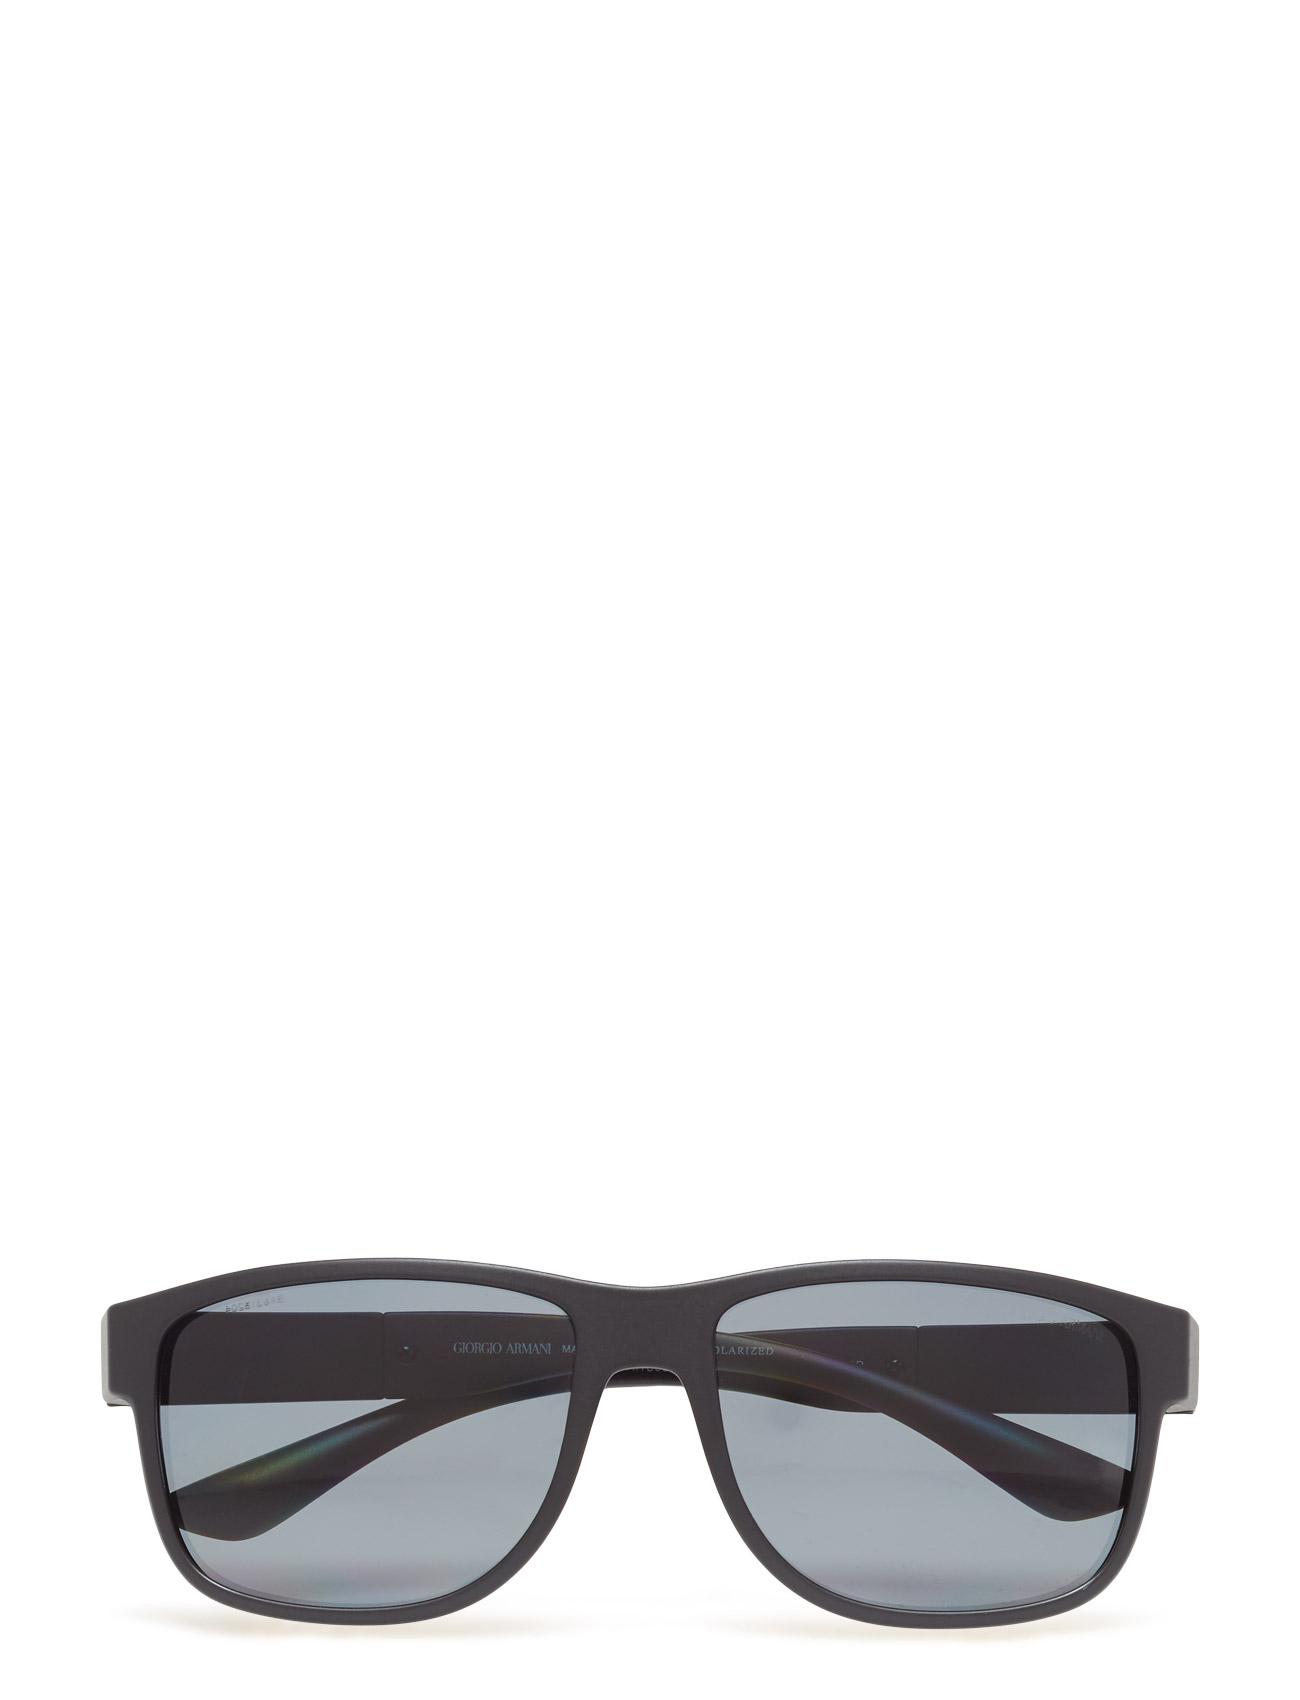 Timeless Elegance Giorgio Armani Sunglasses Solbriller til Herrer i